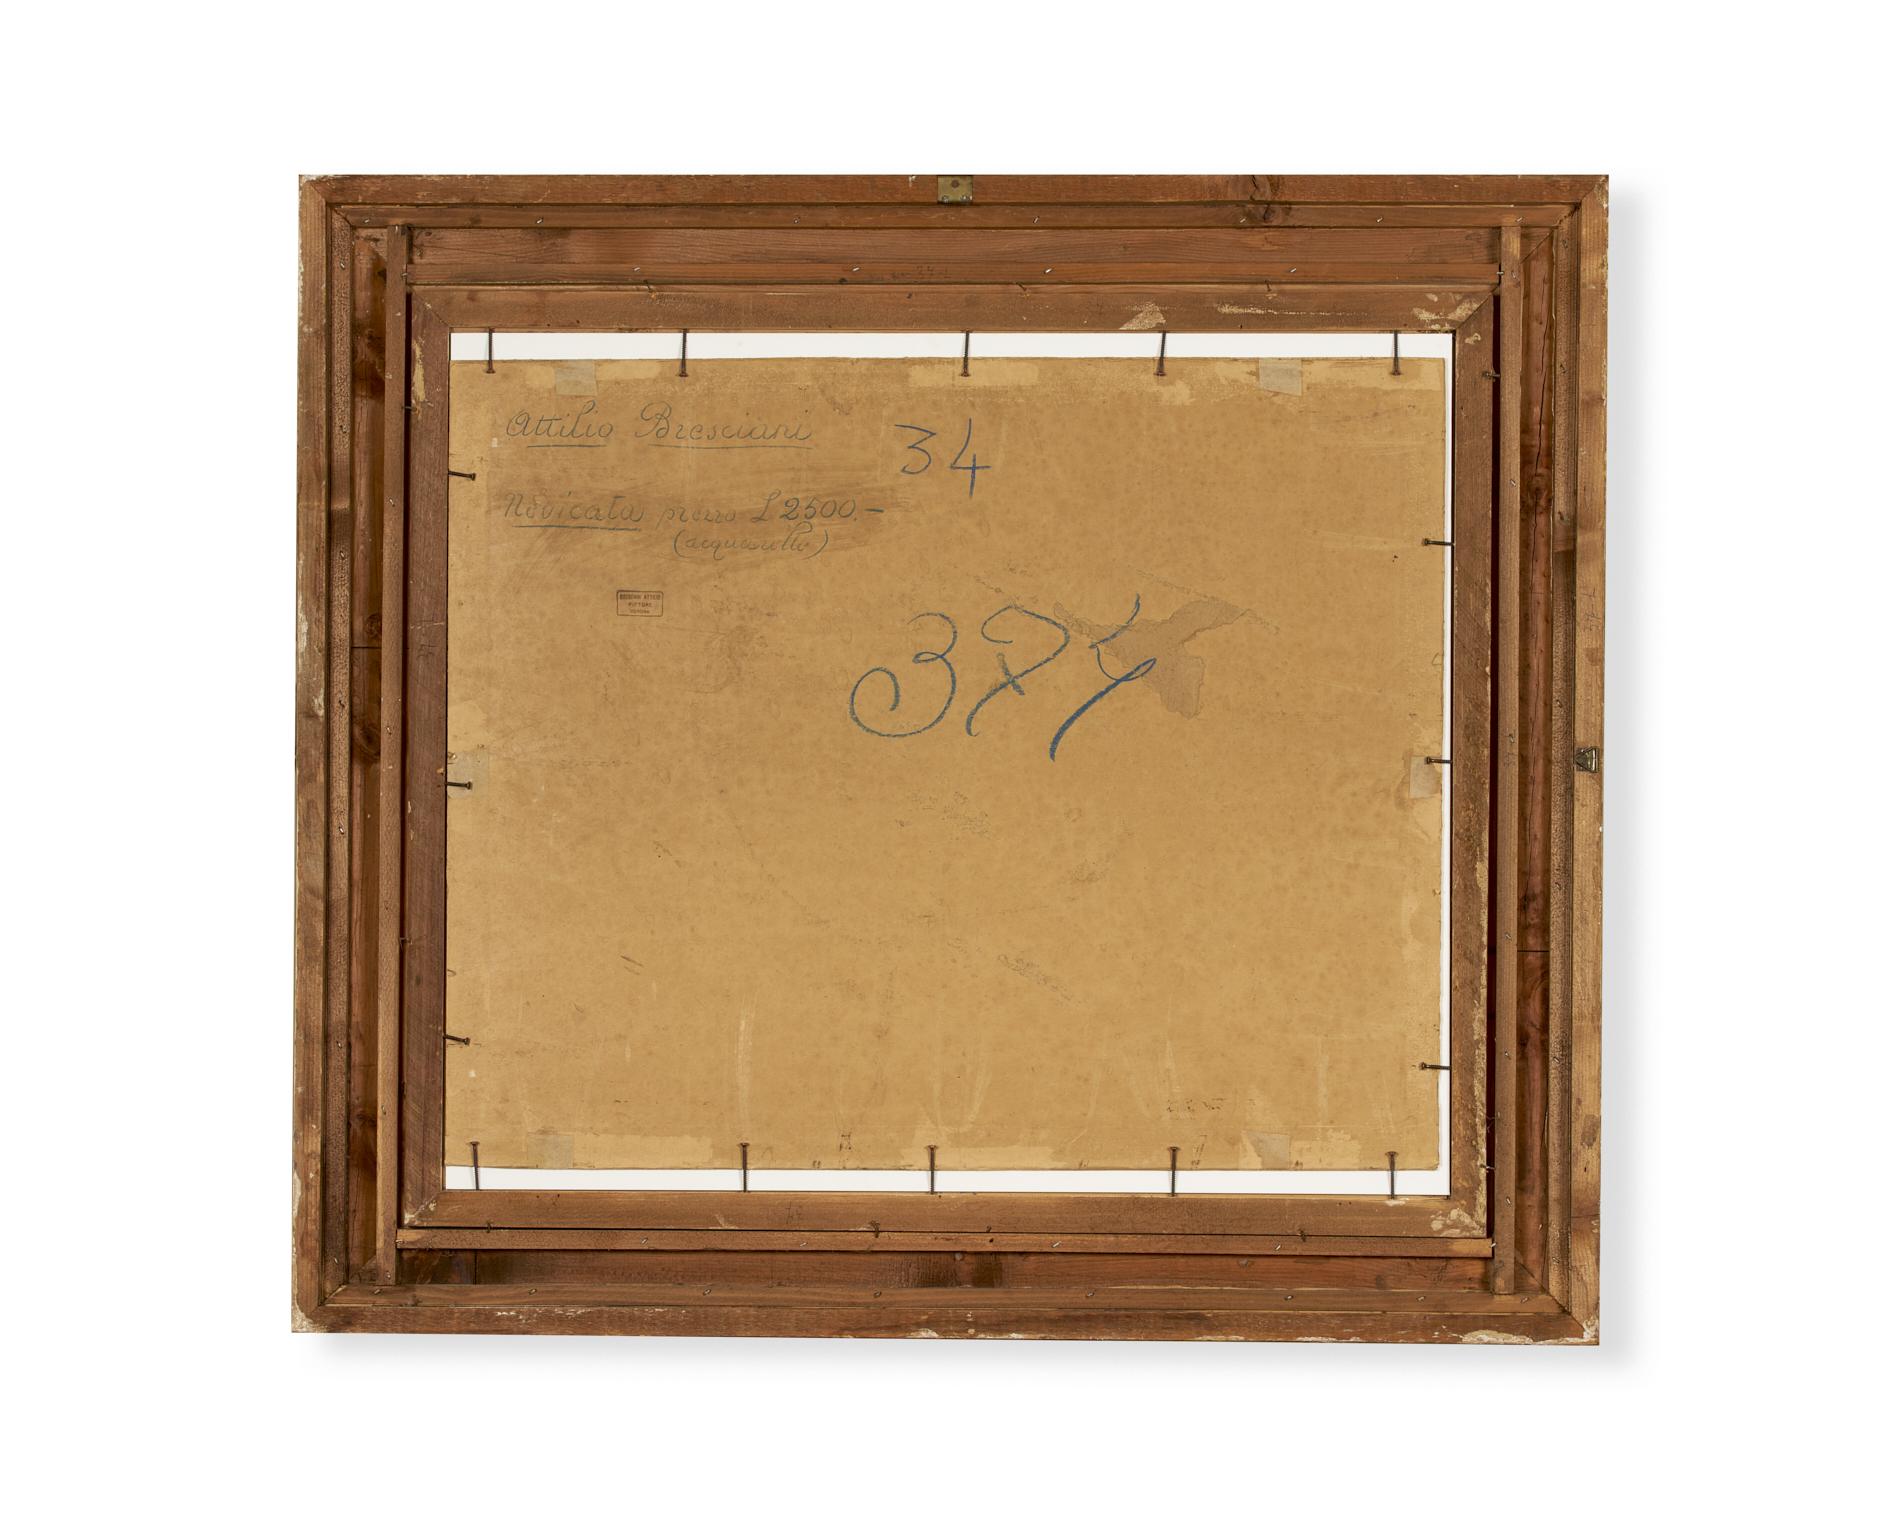 Attilio-Bresciani0569faraci-arte-verona-galleria-arte-moderna-retro-attilio-bresciani